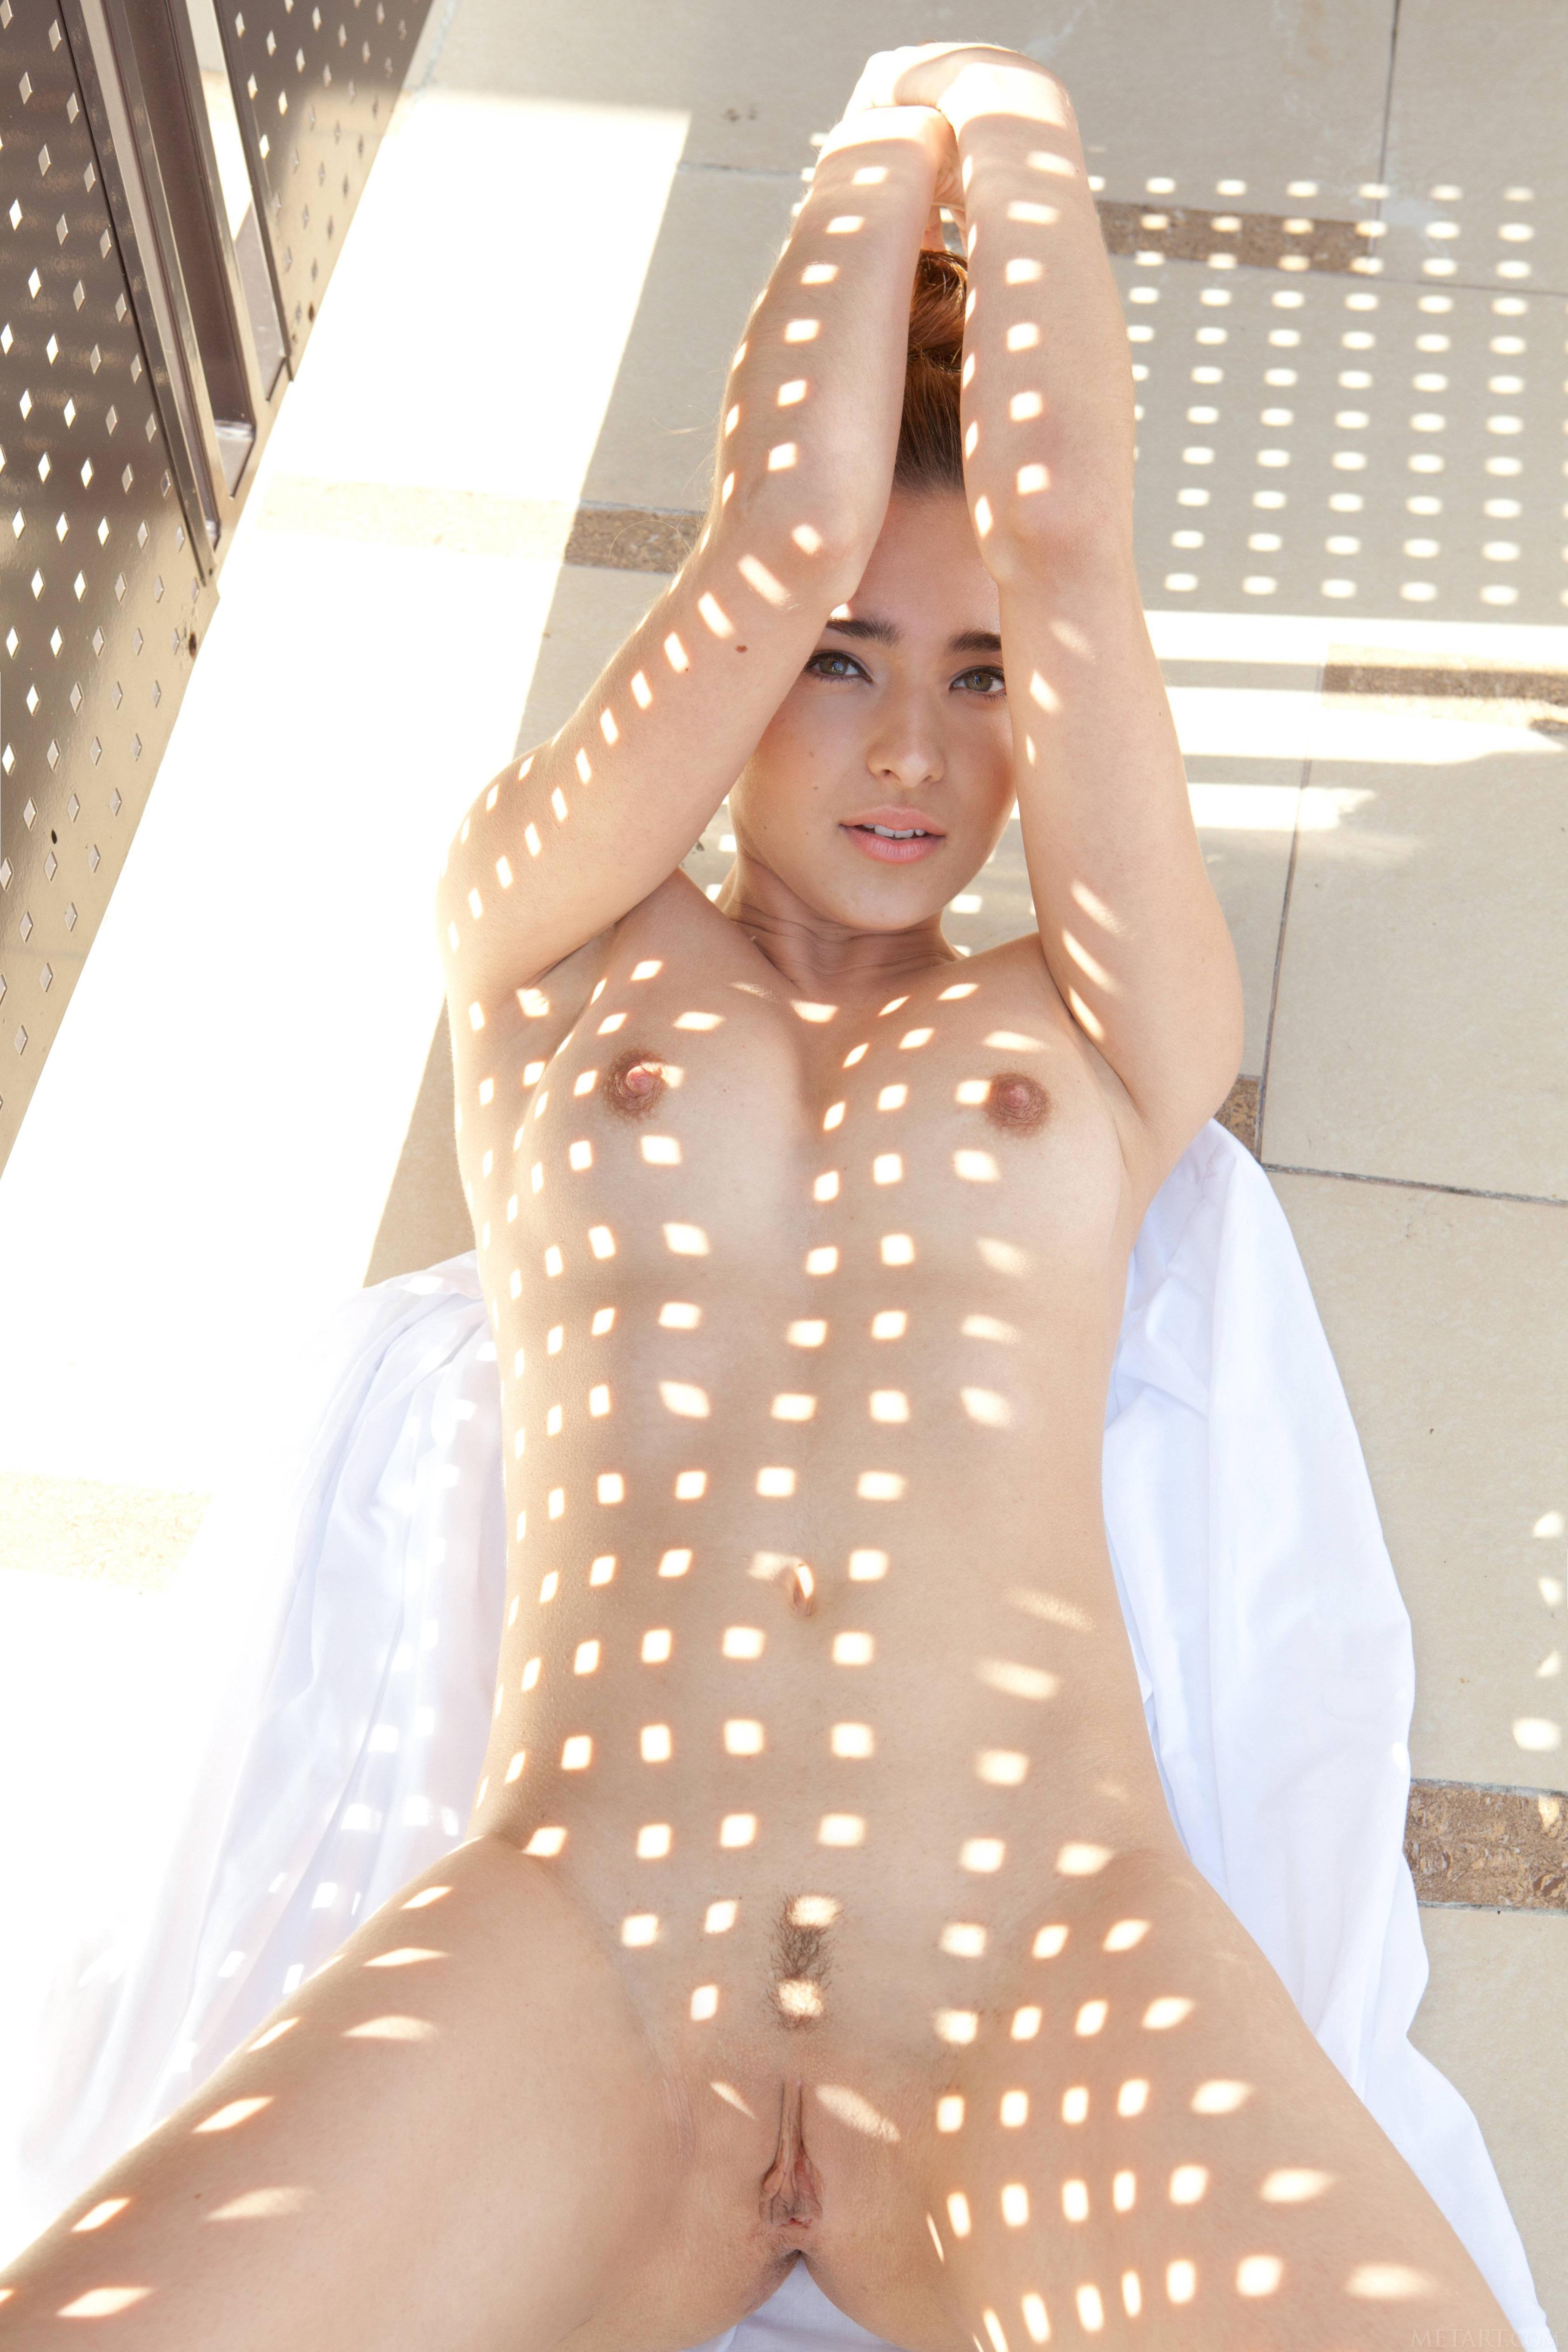 Подборка голых пезд страстных девушек